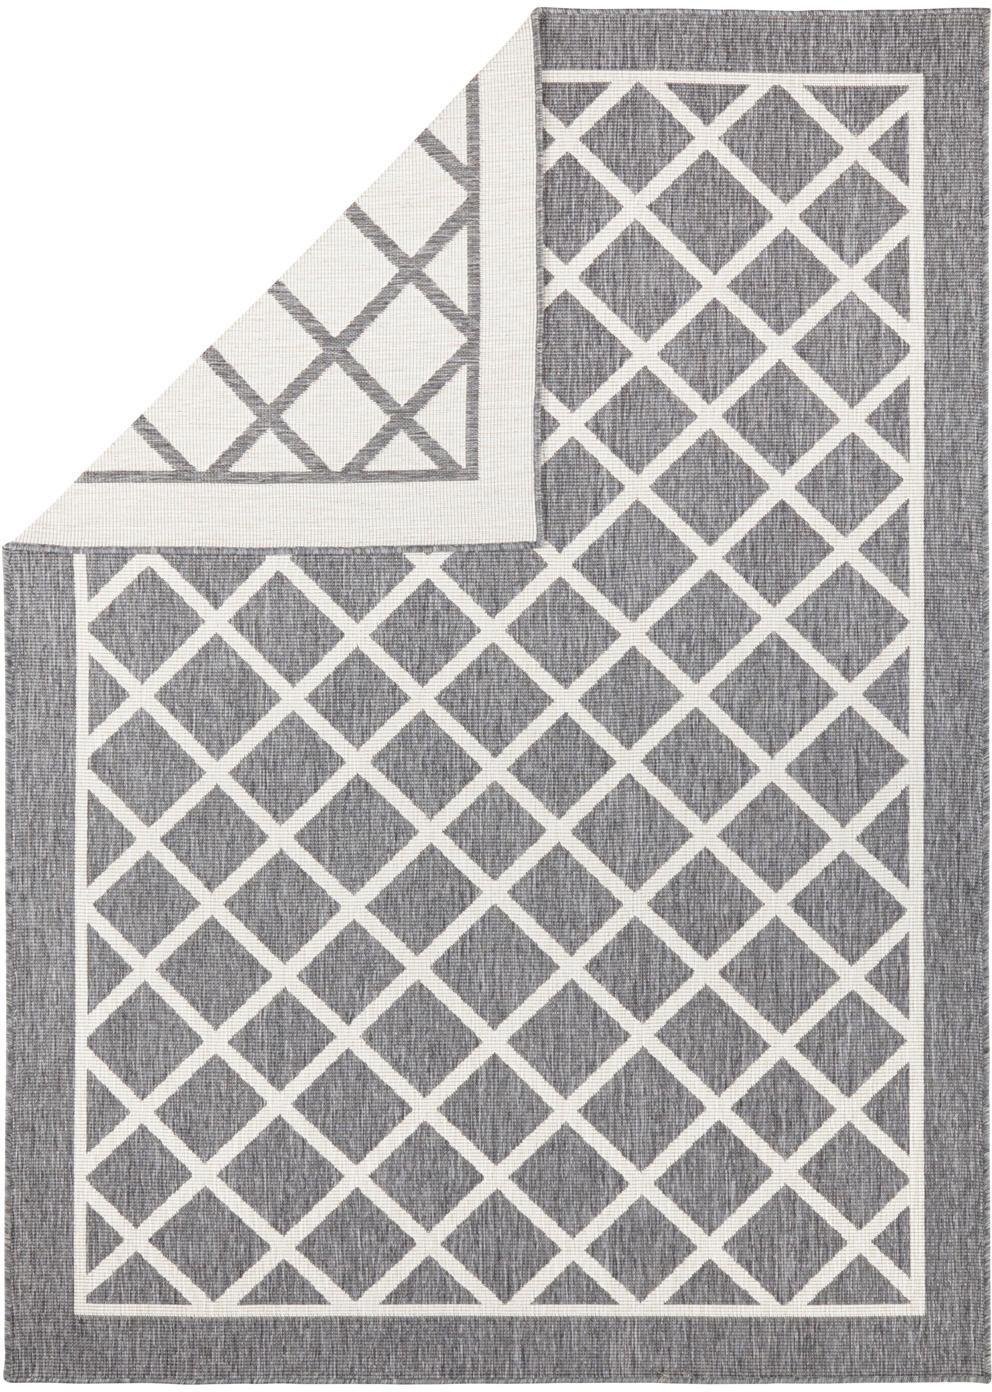 Tappeto reversibile da interno-esterno Sydney, Grigio, crema, Larg.160 x Lung. 230 cm  (taglia M)